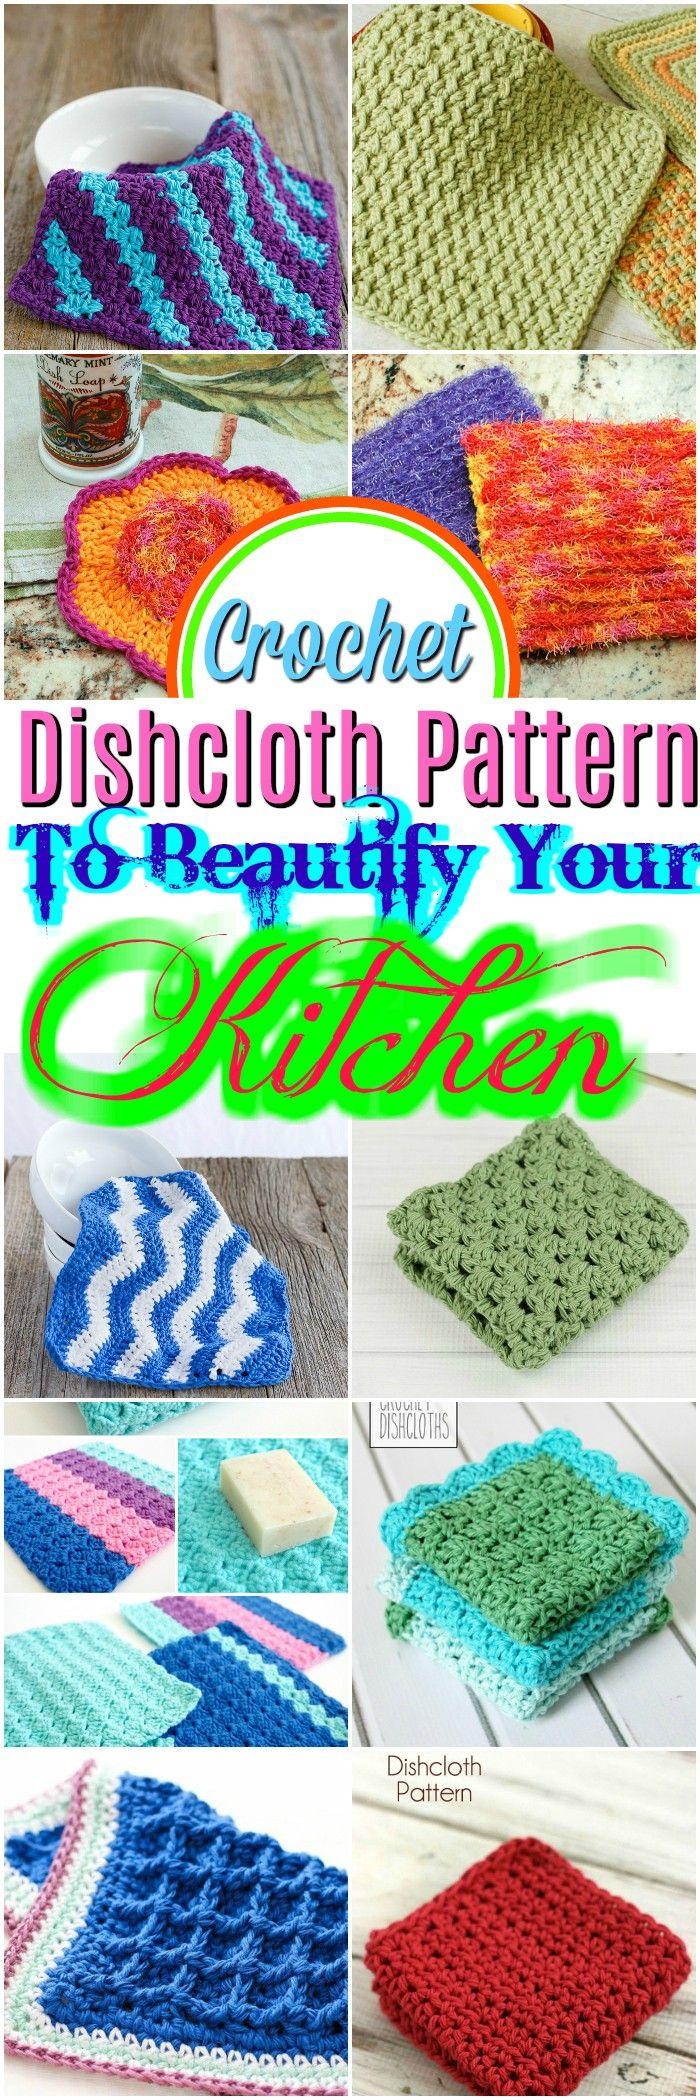 Fine Häkeln Dish Scrubbie Muster Images - Decke Stricken Muster ...